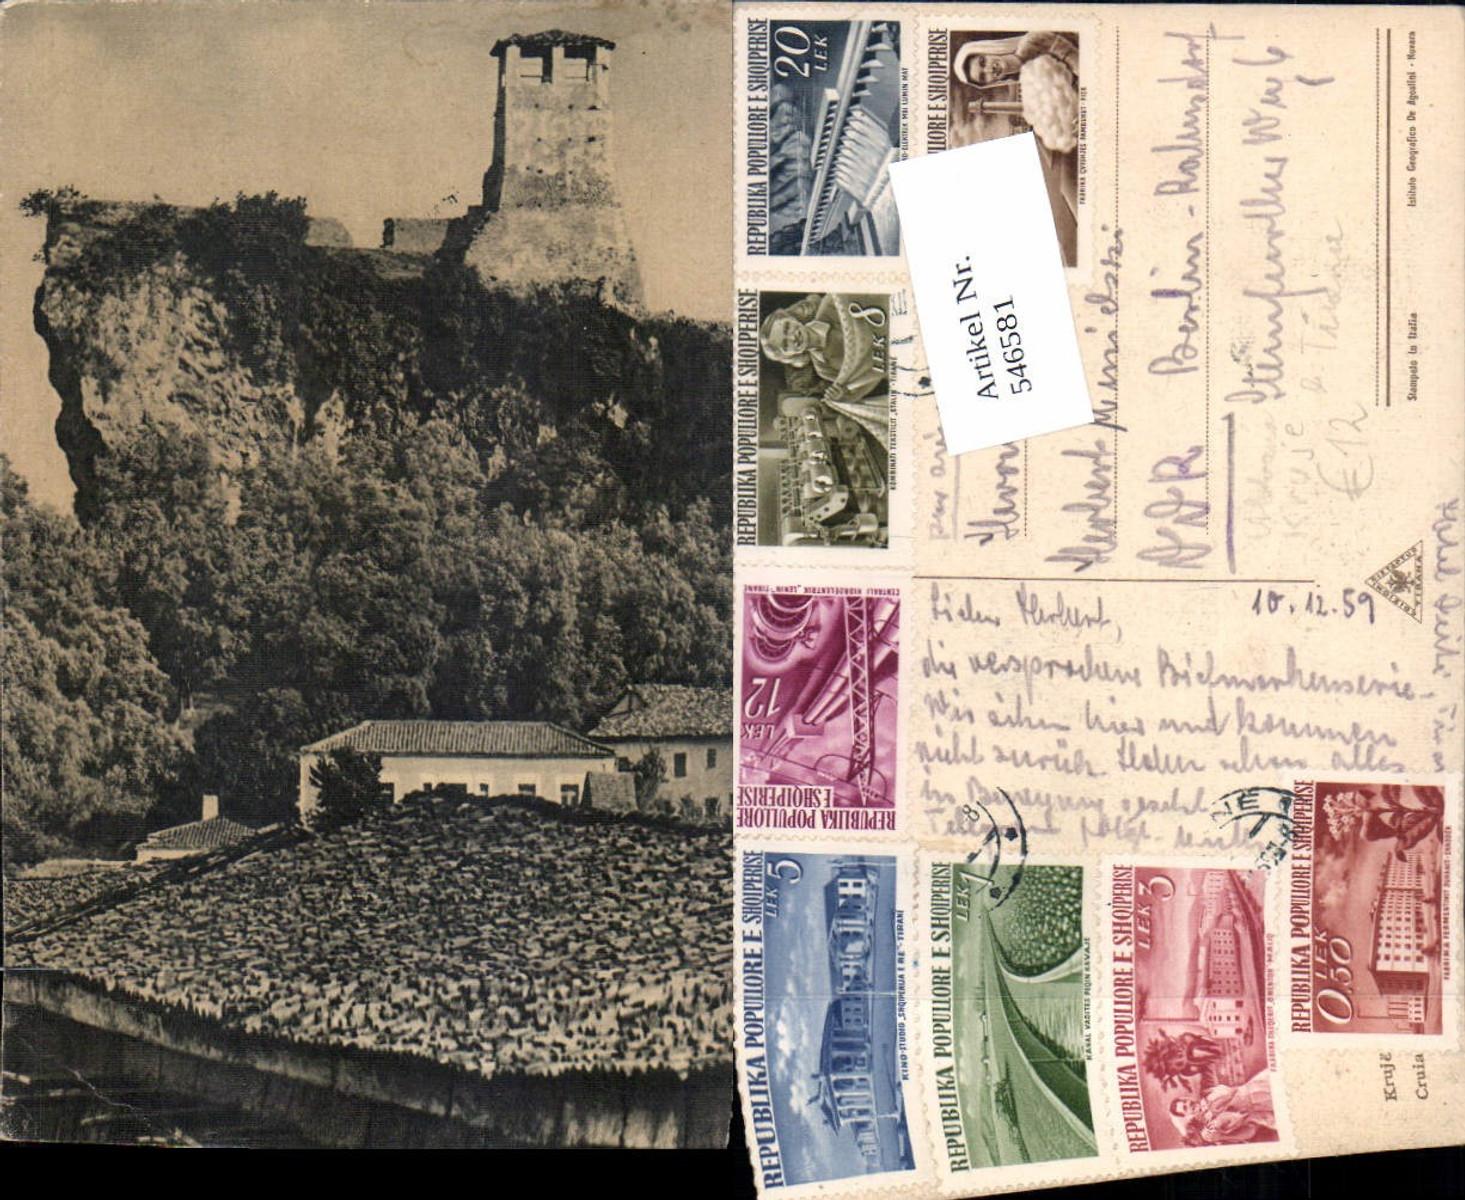 546581,Albania Kruje Kruja b. Tirana Abbazia Burg  günstig online kaufen